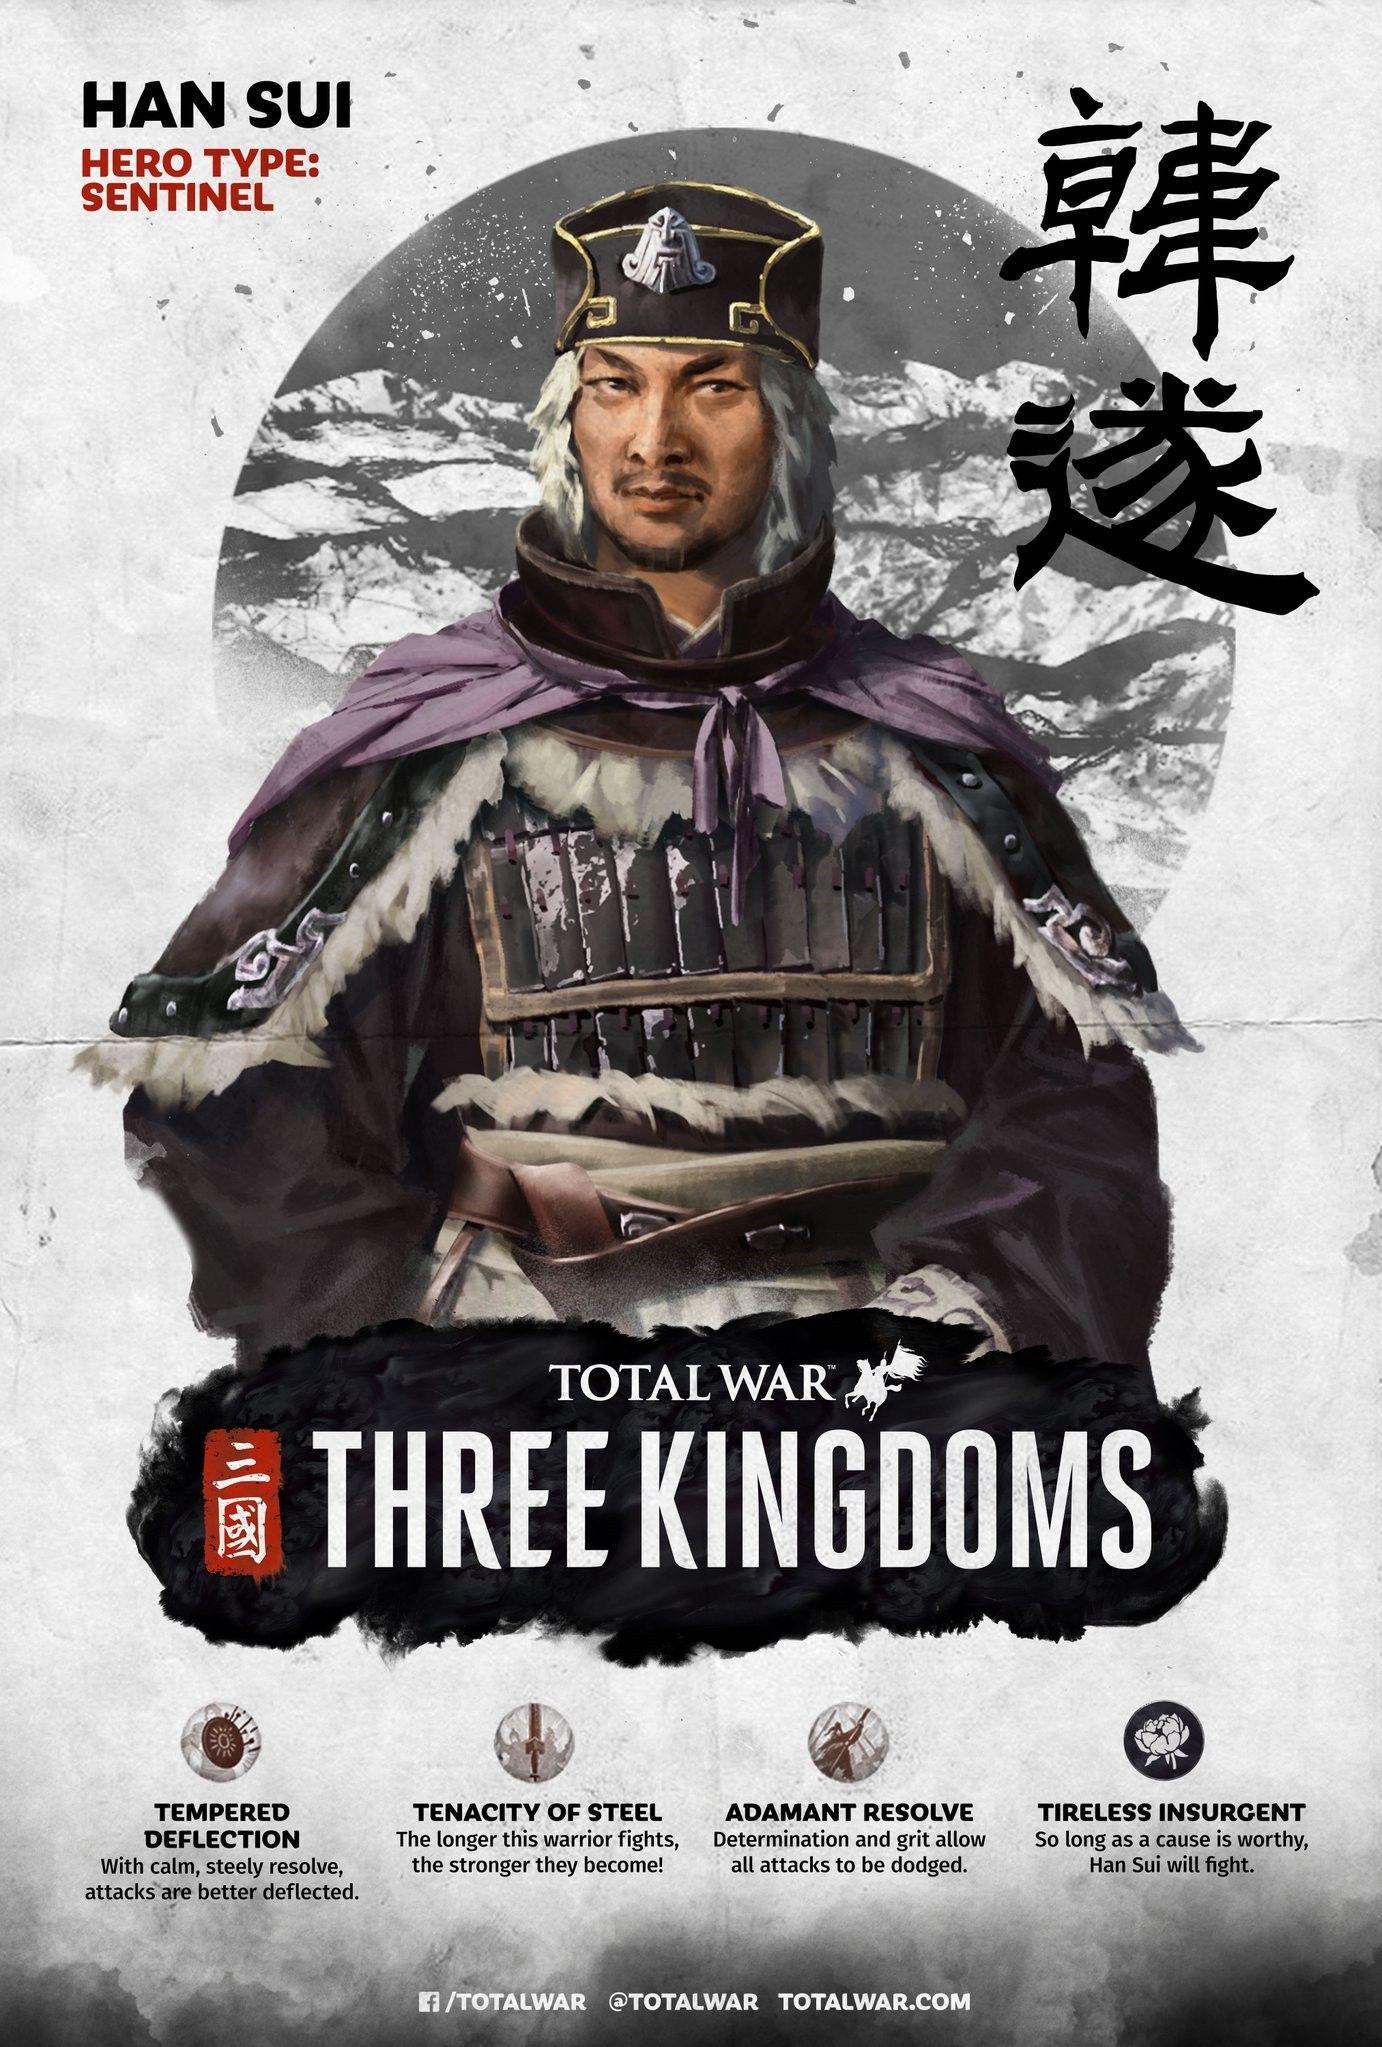 《全軍破敵 三國》韓遂人設圖 關中將帥兵強將勇 (資訊 (With images)   Hero poster, Total war, Retro poster